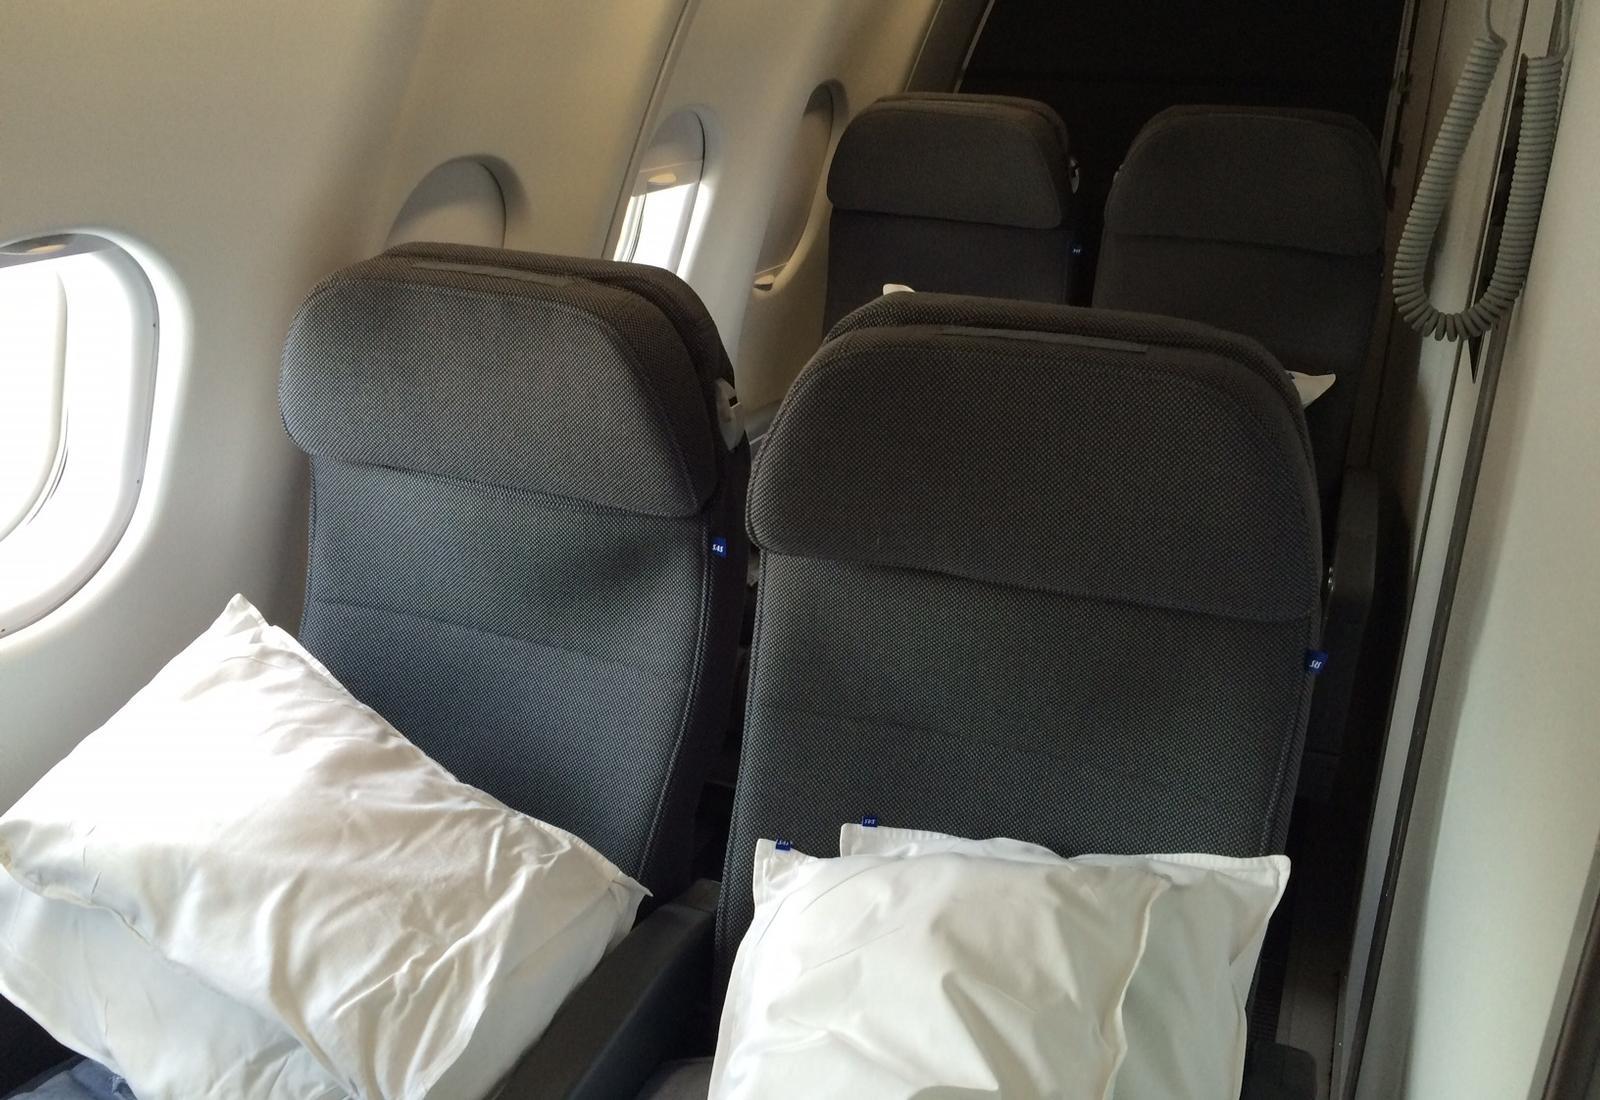 Sæder i separat hvilemodul på ny A330-300E fly. (Foto: Ole Kirchert Christensen)